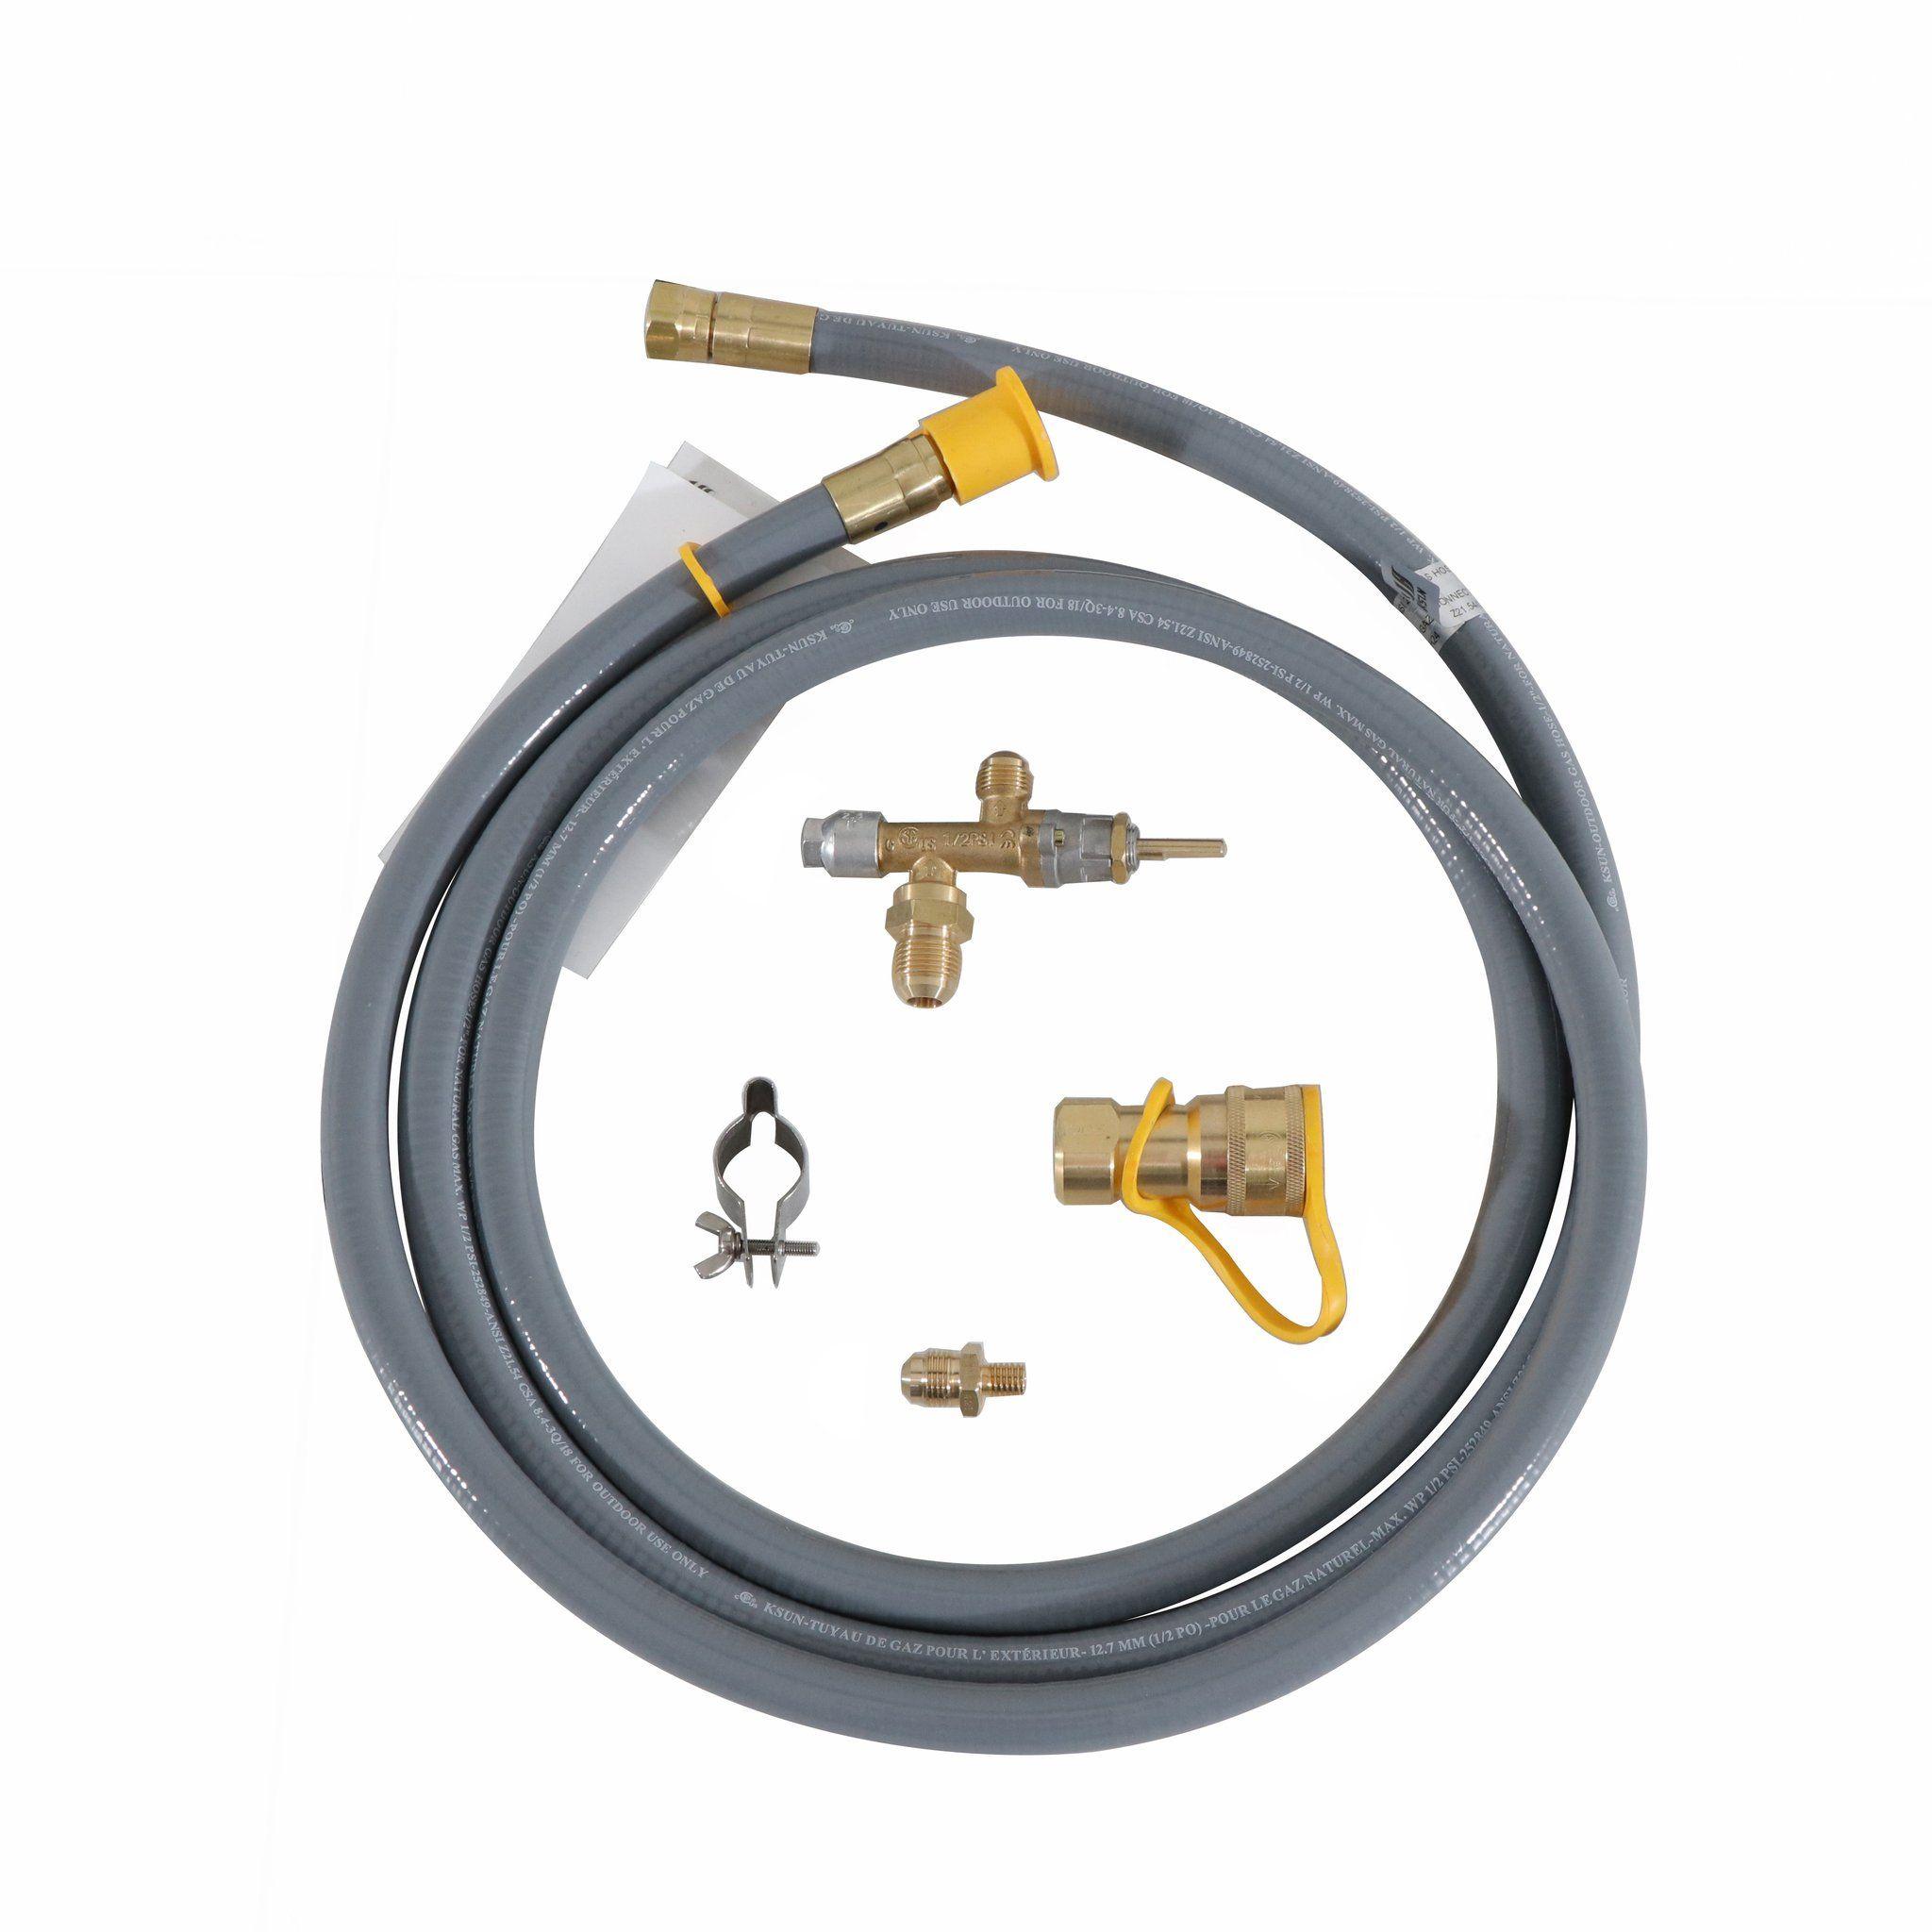 Natural Gas Conversion Kit 55 000 Btu Compatibility Fire Pit